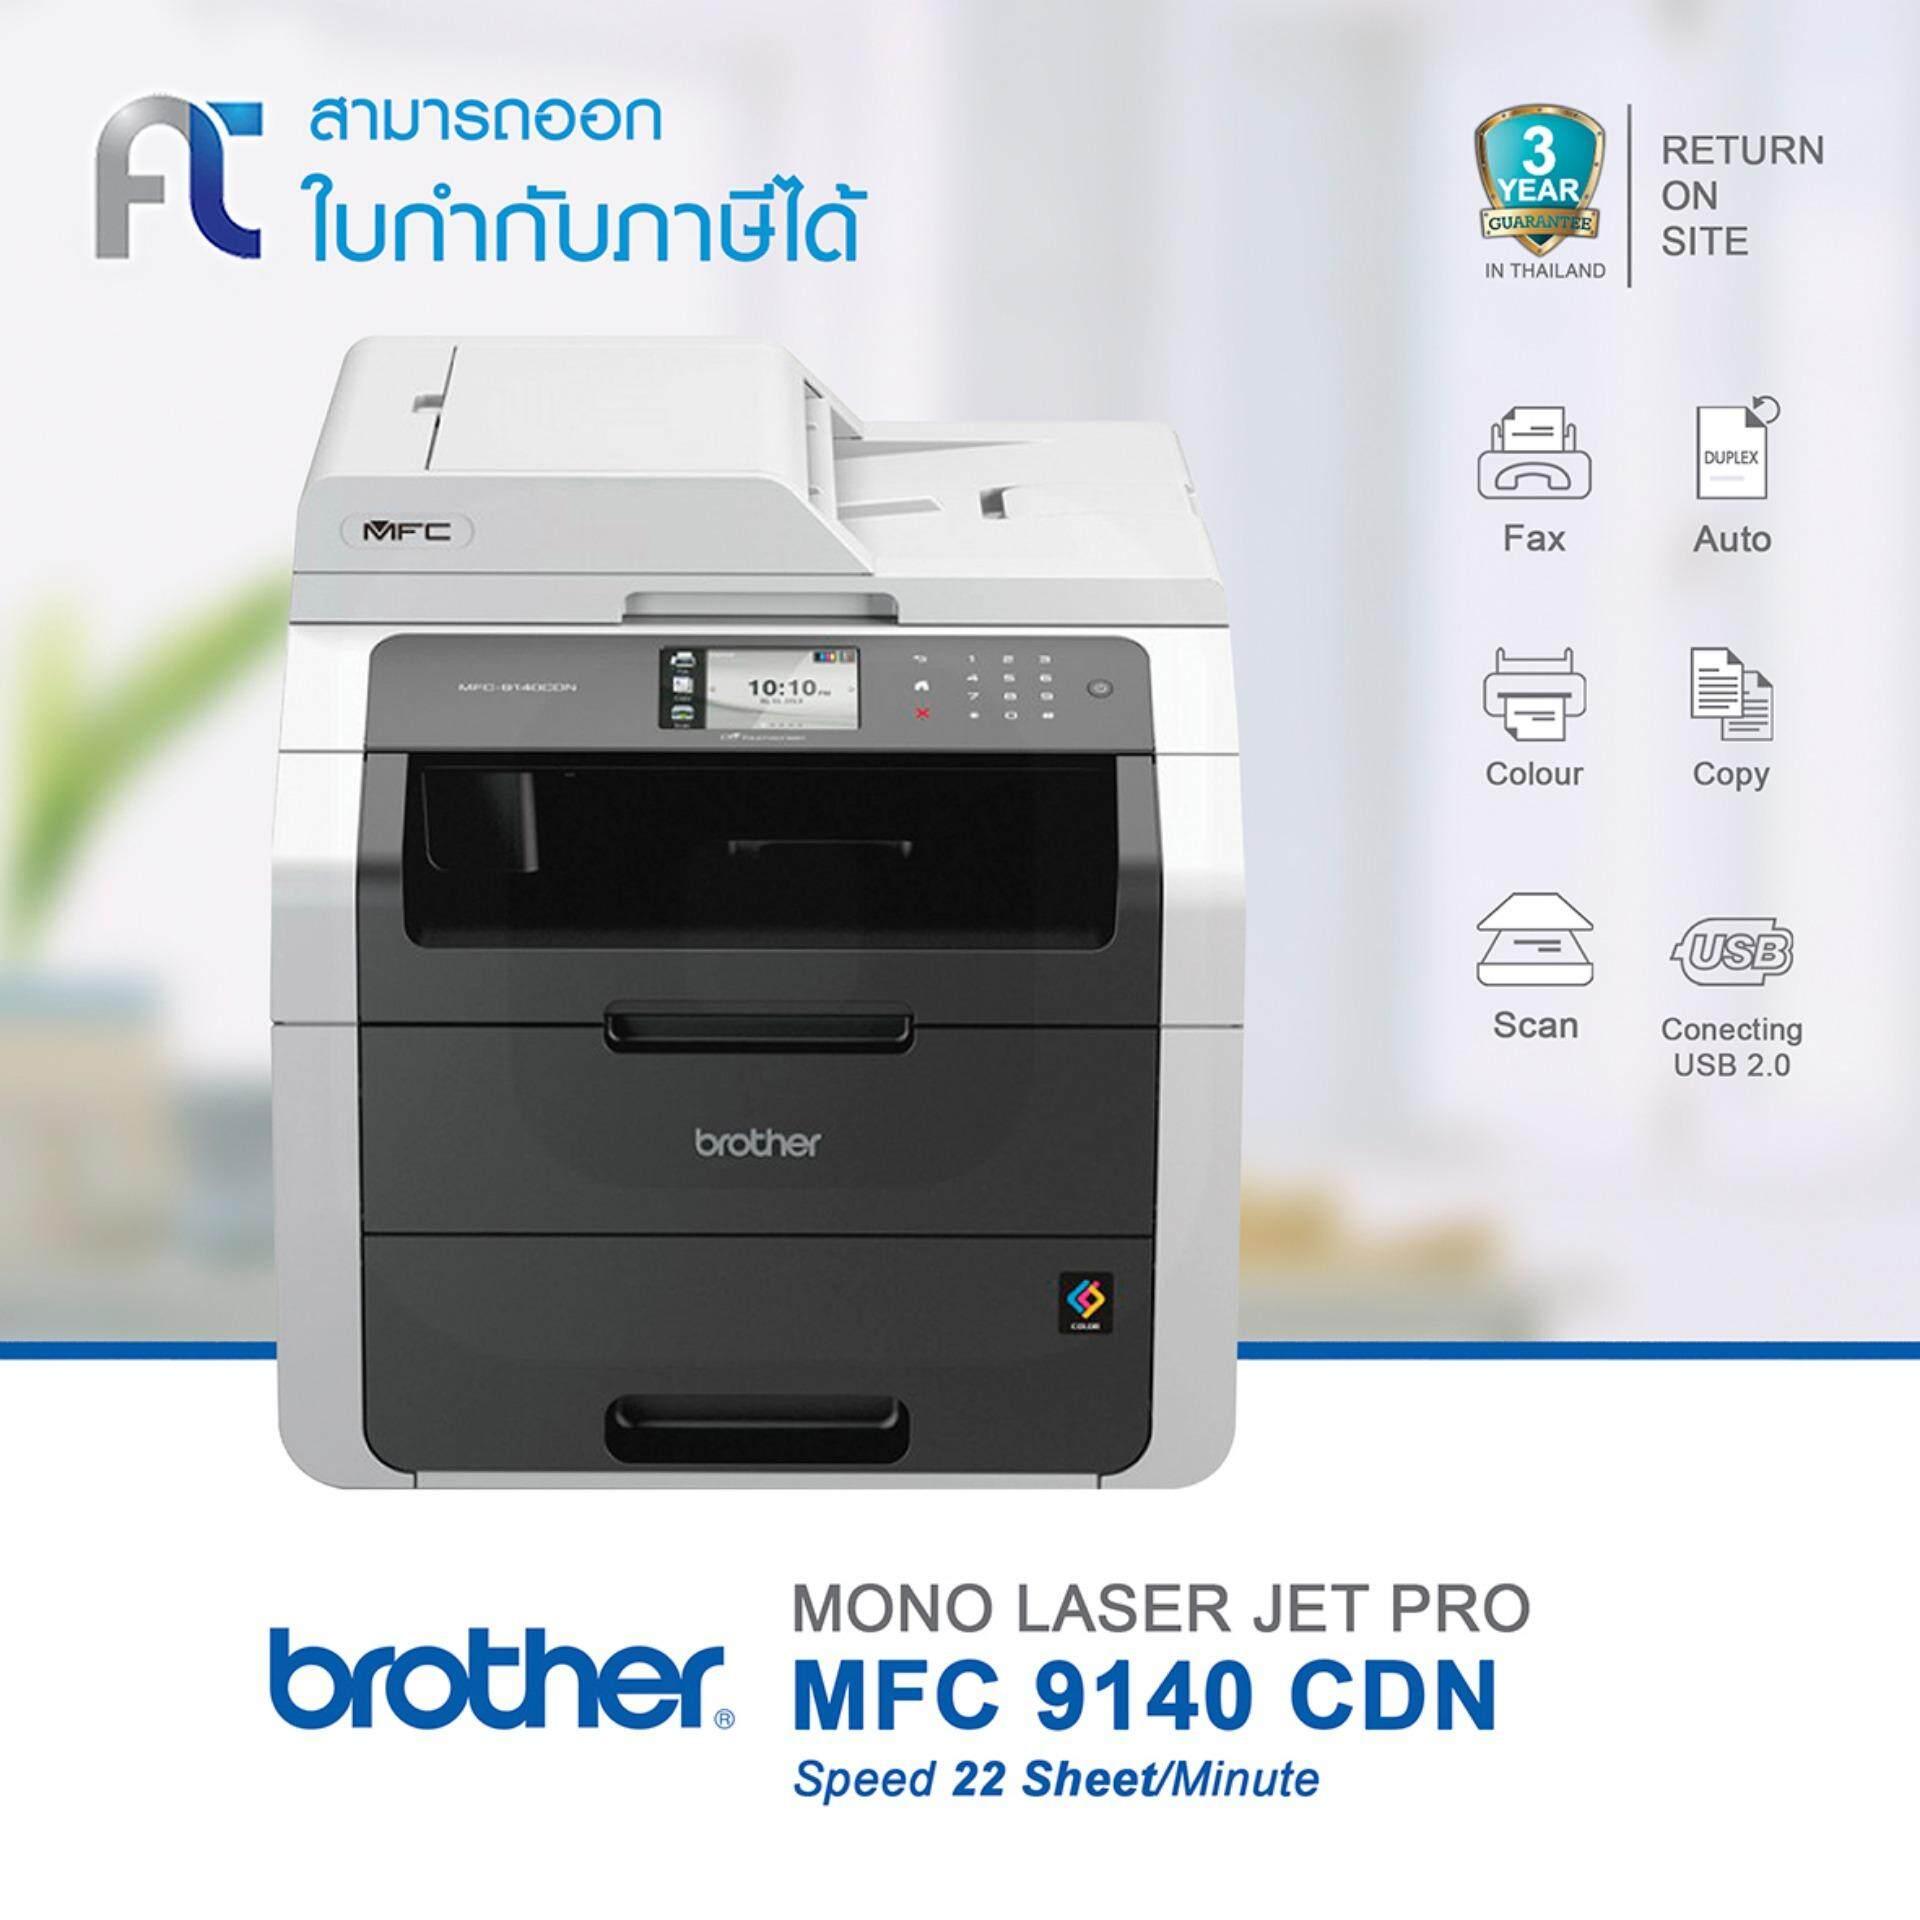 โปรโมชั่น รับประกัน 3 ปี Brother Printer รุ่น Mfc 9140Cdn ใน กรุงเทพมหานคร